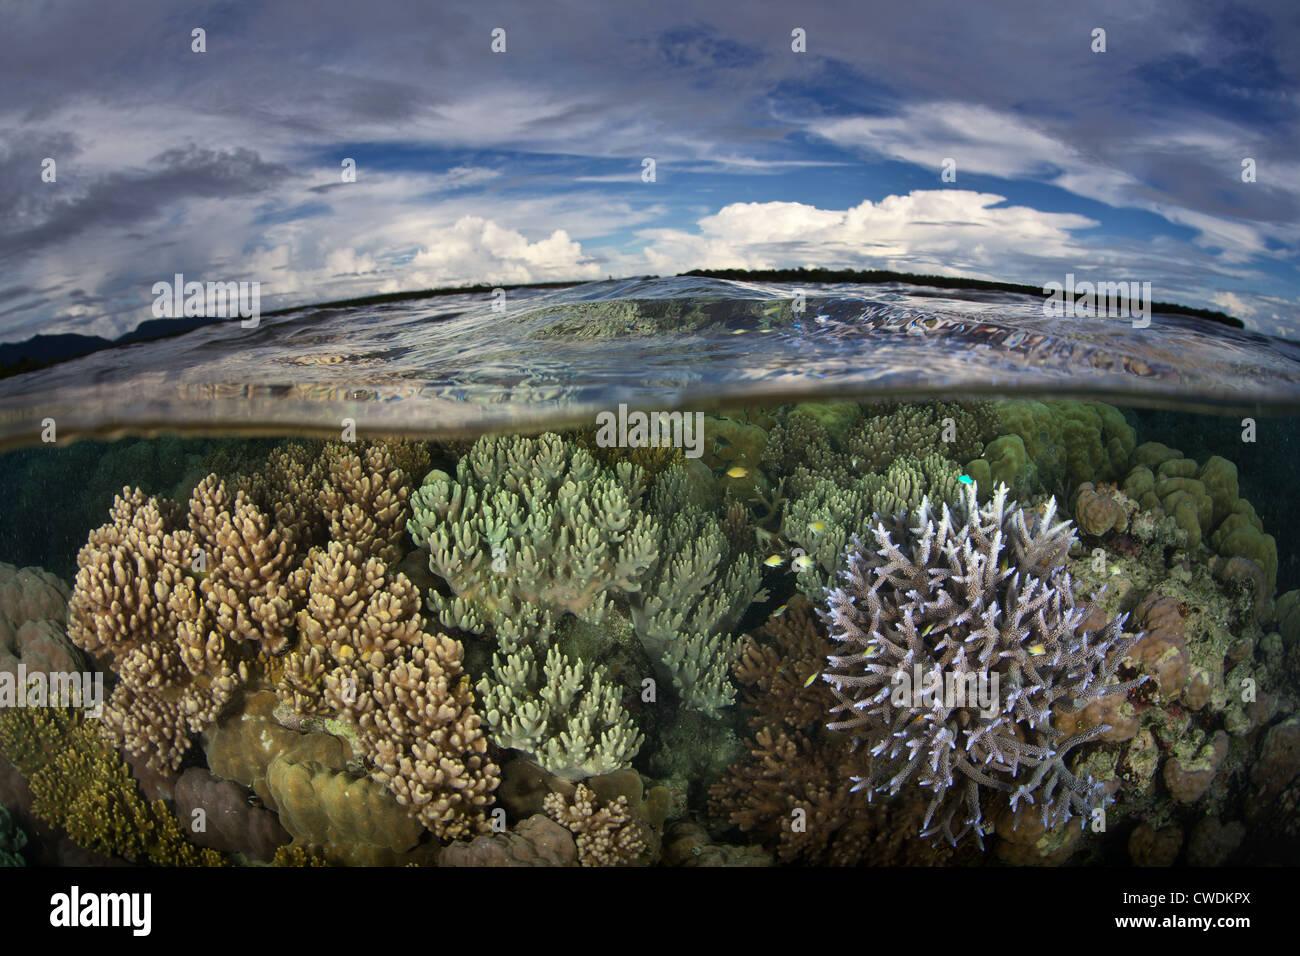 Una diversa arrecifes de coral crece justo por debajo de la línea de flotación cerca de una remota aldea en las Islas Russell, parte de las Islas Salomón. Foto de stock